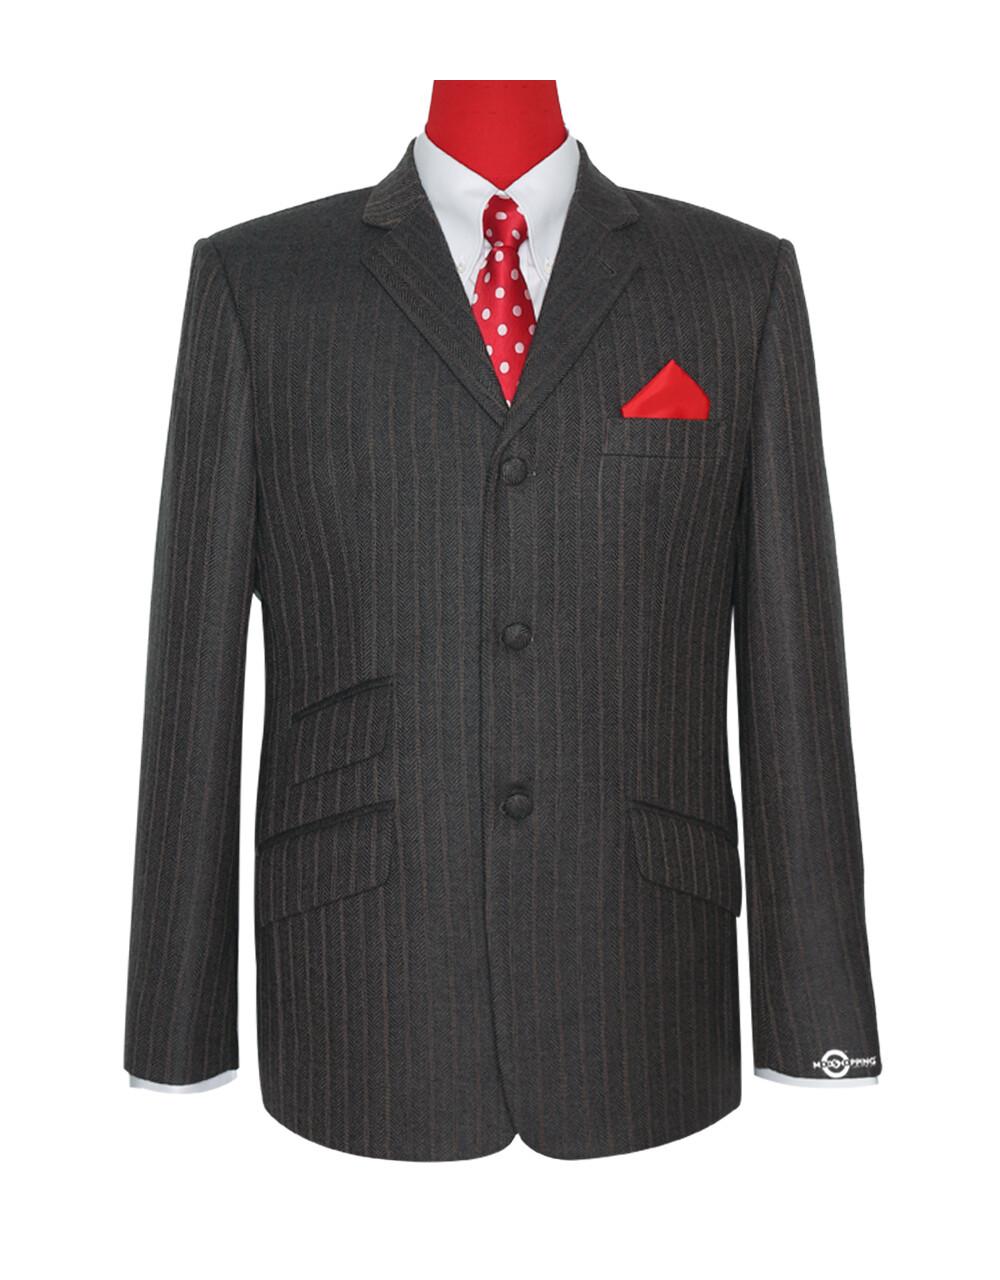 Mod 60'S Herring Bone Brown Grey Tweed Jacket For Men's